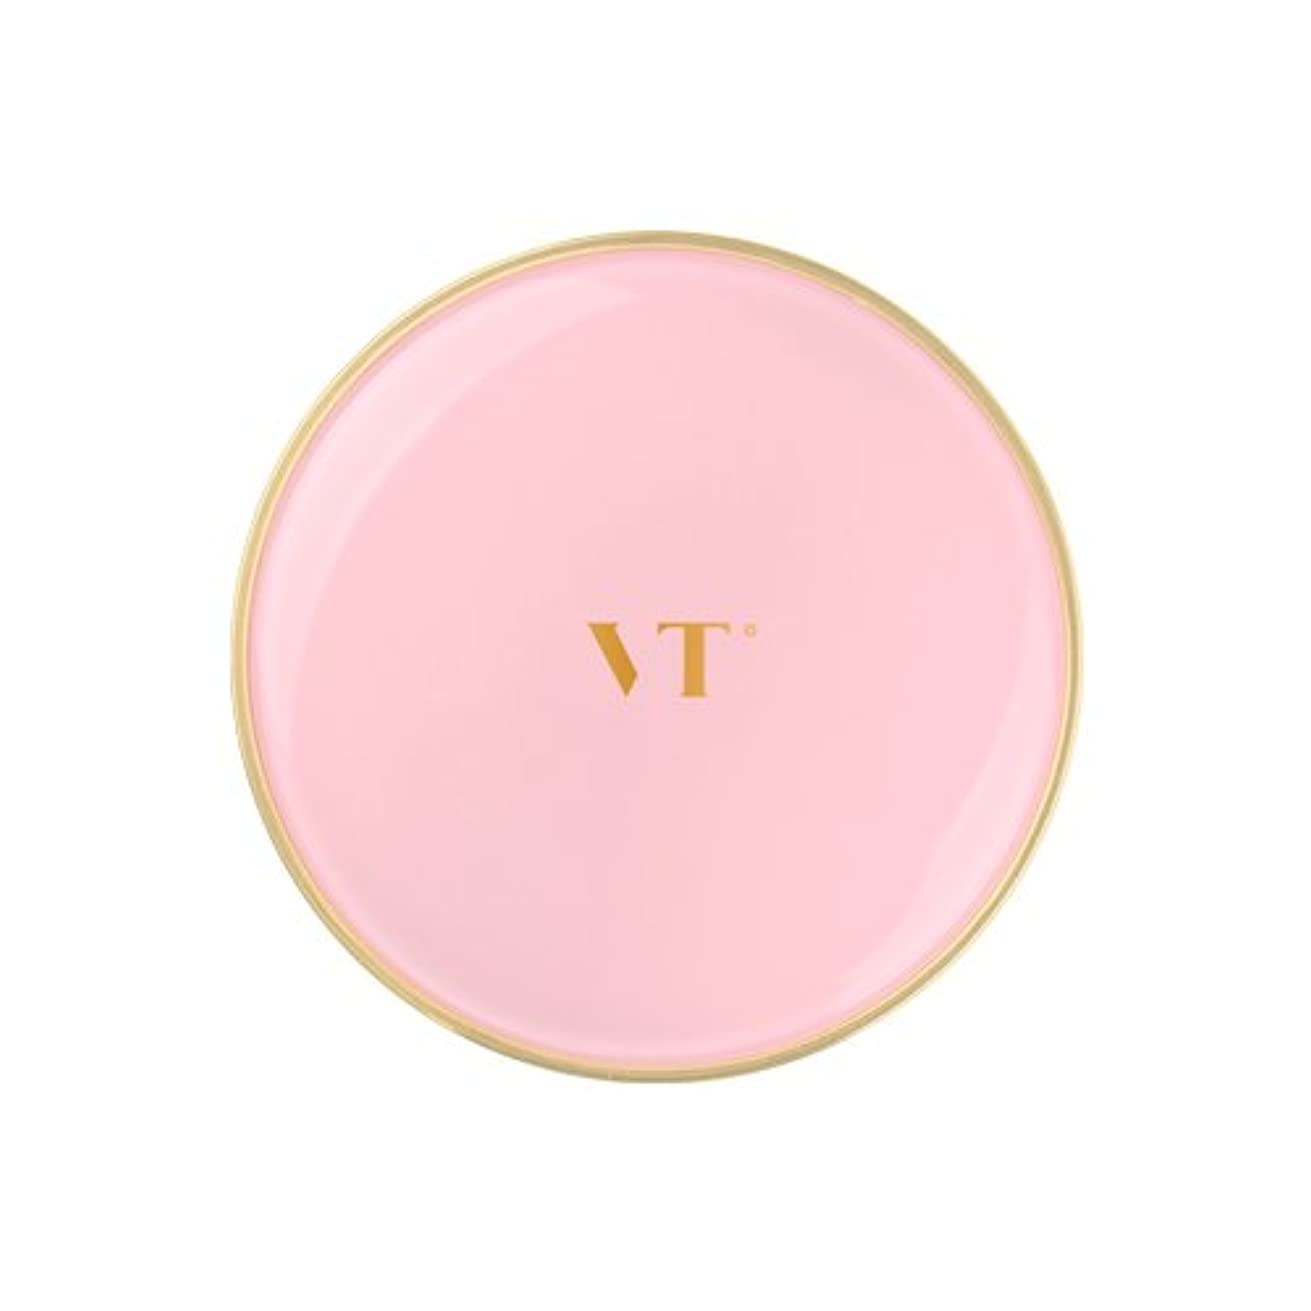 承認する満了恐ろしいVT Collagen Pact 11g/ブイティー コラーゲン パクト 11g [並行輸入品]